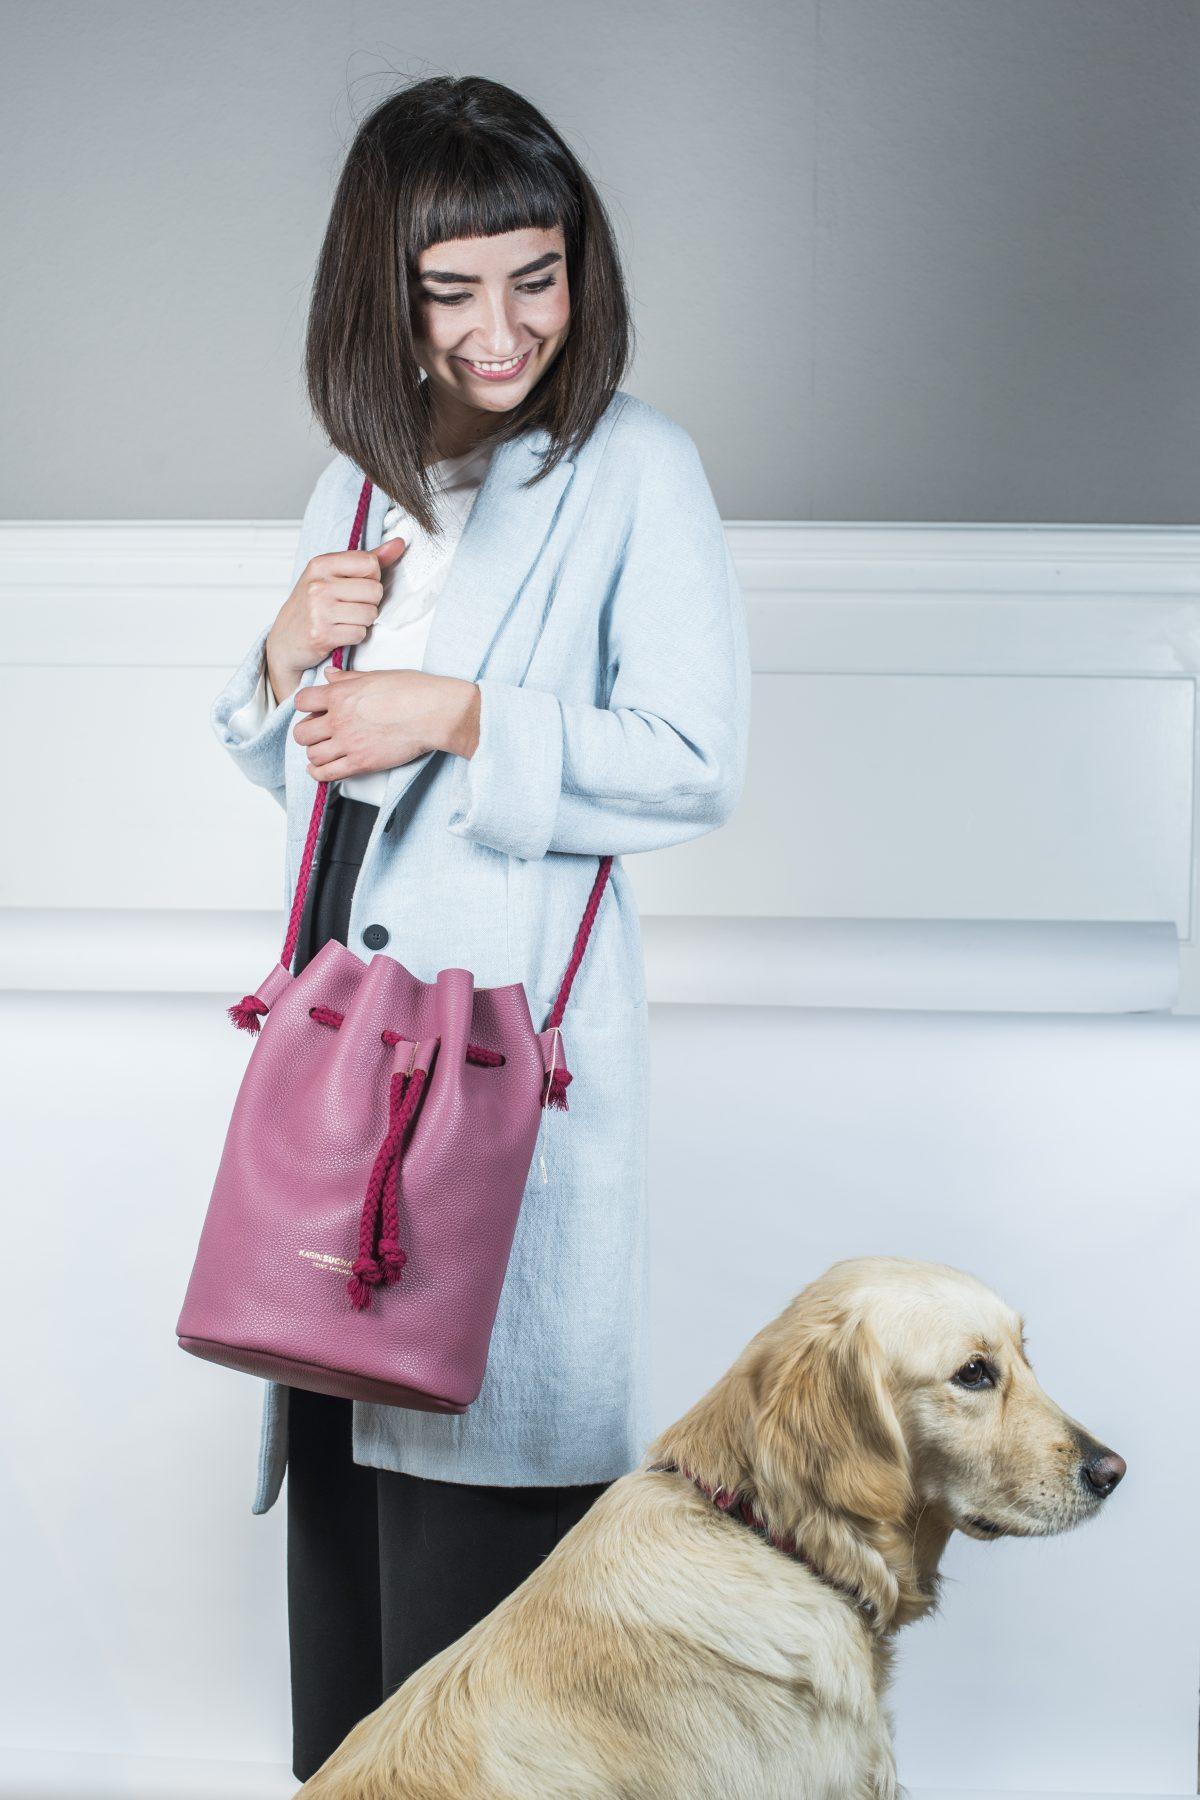 Frau mit Hund trägt eine Umhängetasche in Beutelform. Die Tasche hat die Farbe Himbeere und wird durch eine rote Korden geschlossen und auch der Tragegurt besteht aus dem selben Kordel